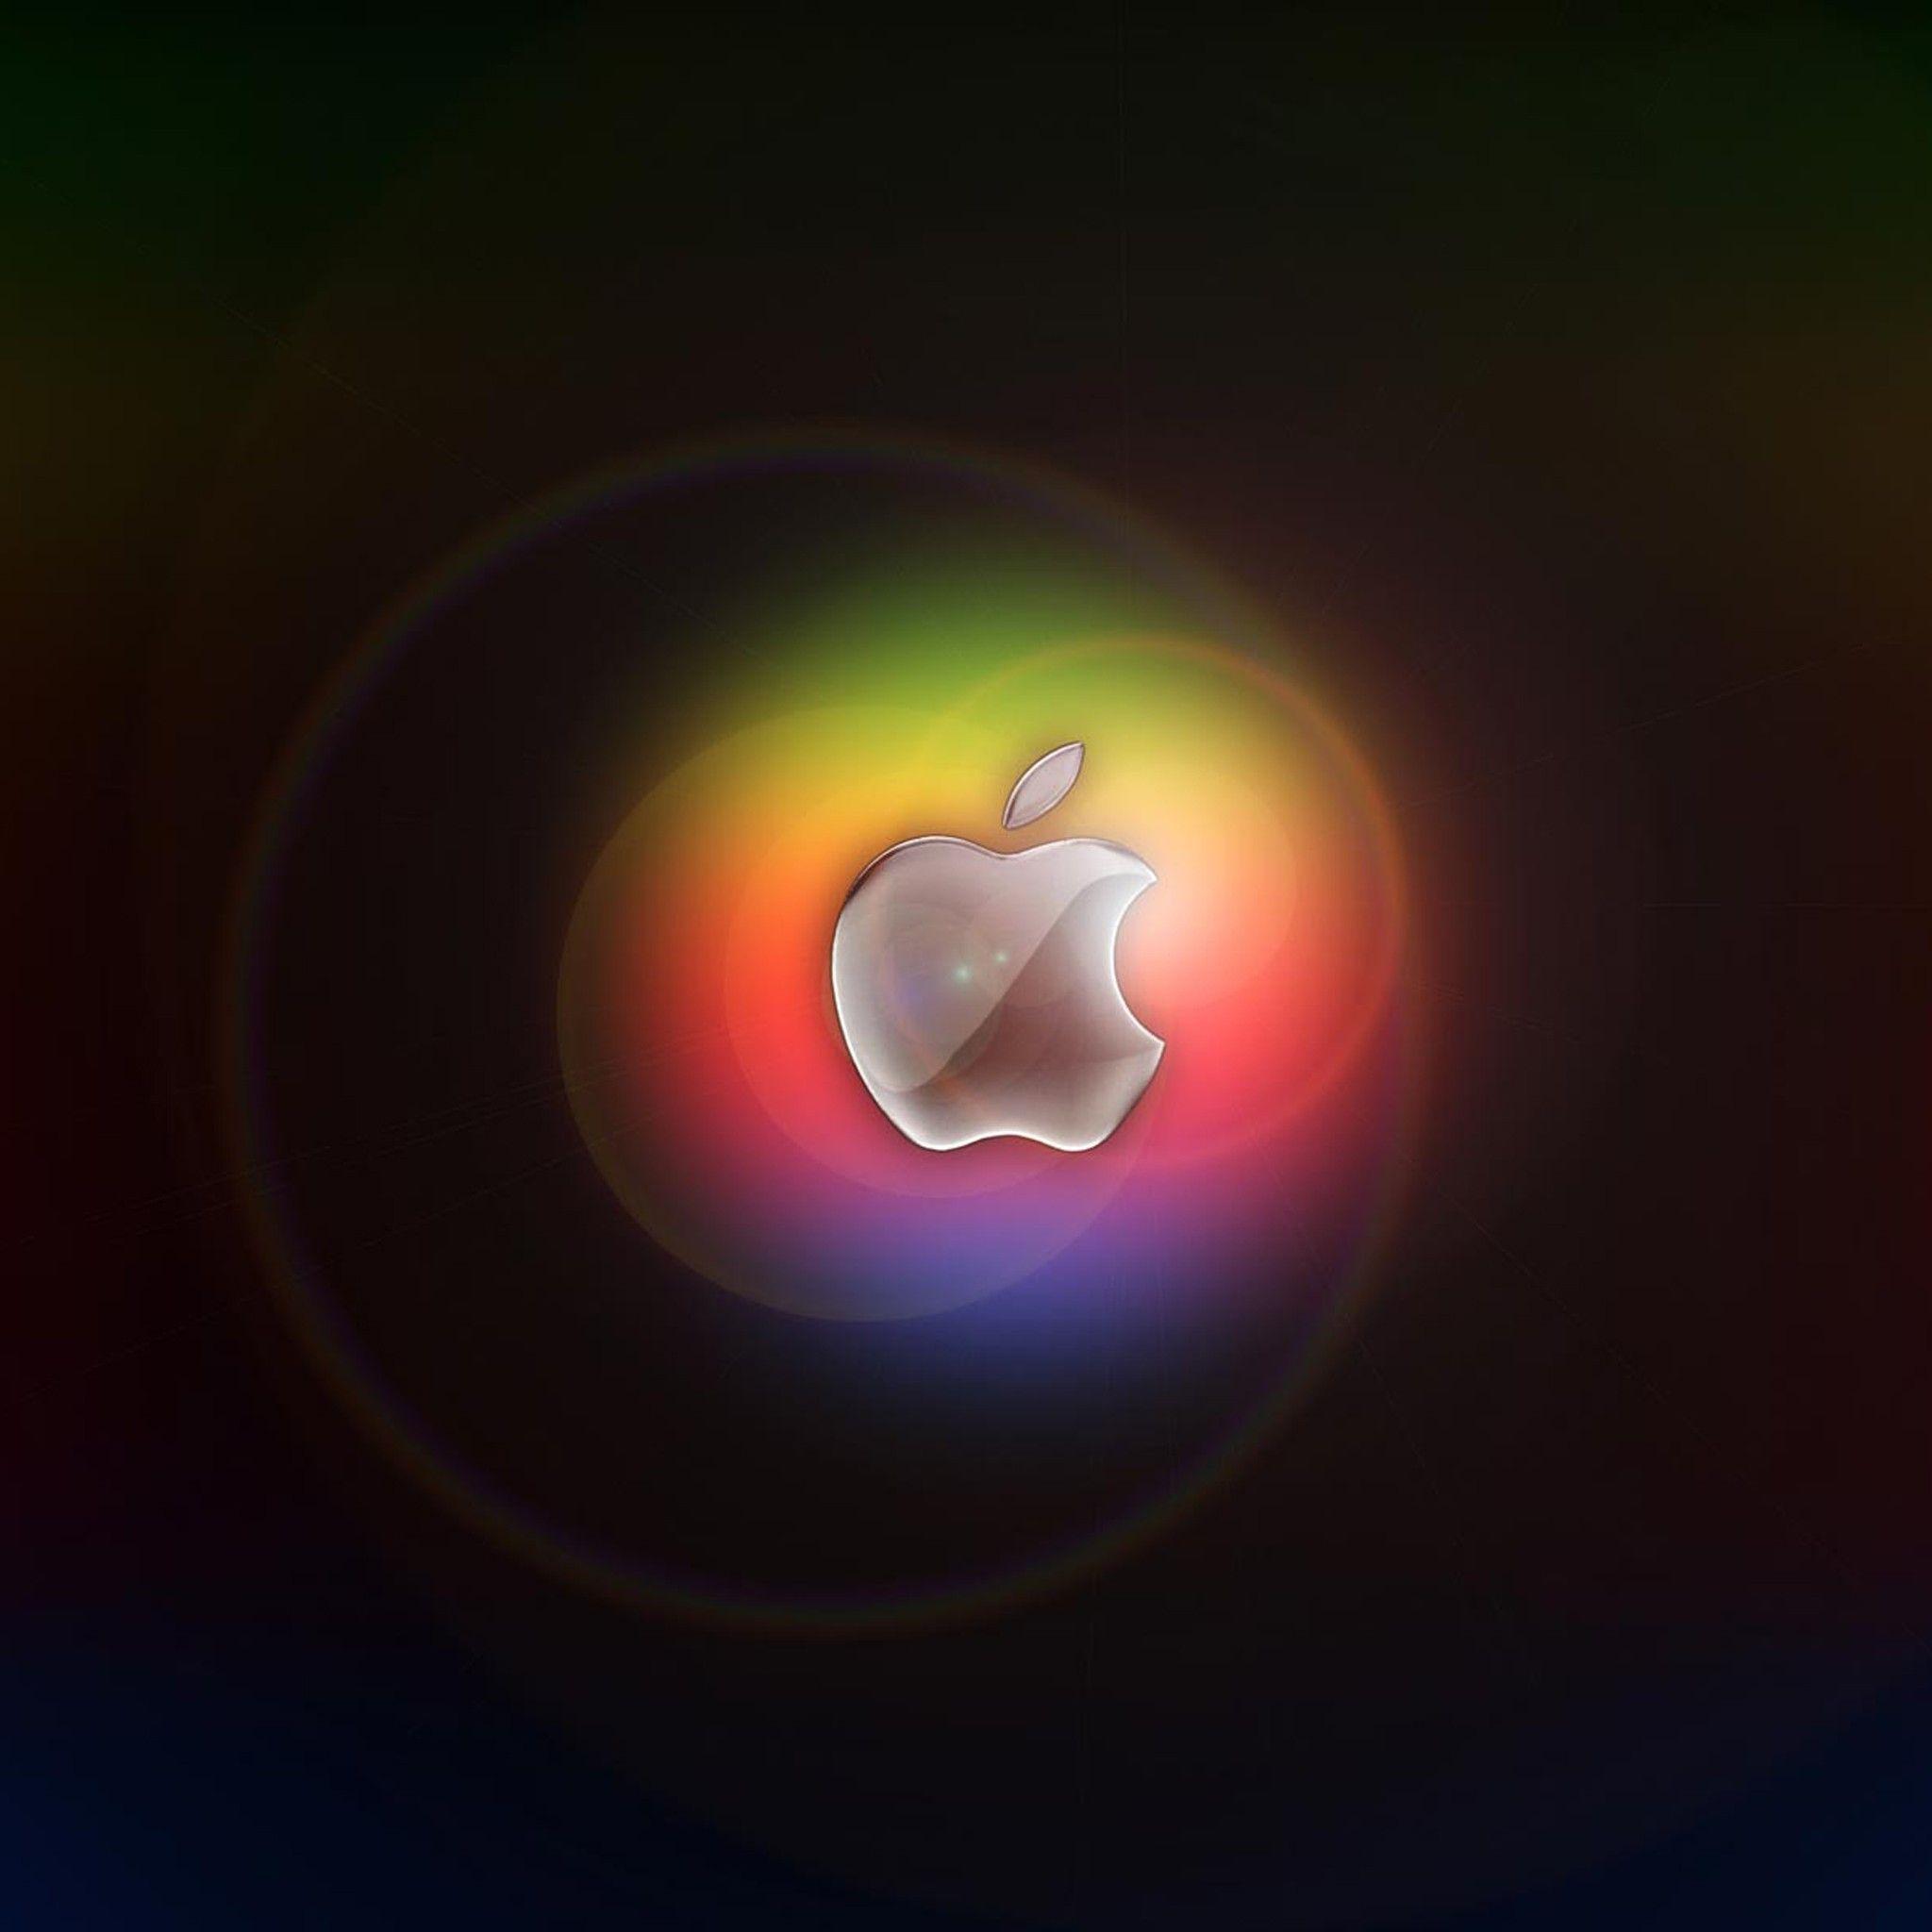 Apple Lighting Effects iPad Wallpaper | iPad Wallpaper! | Pinterest | Wallpaper. & Apple Lighting Effects iPad Wallpaper | iPad Wallpaper! | Pinterest ...